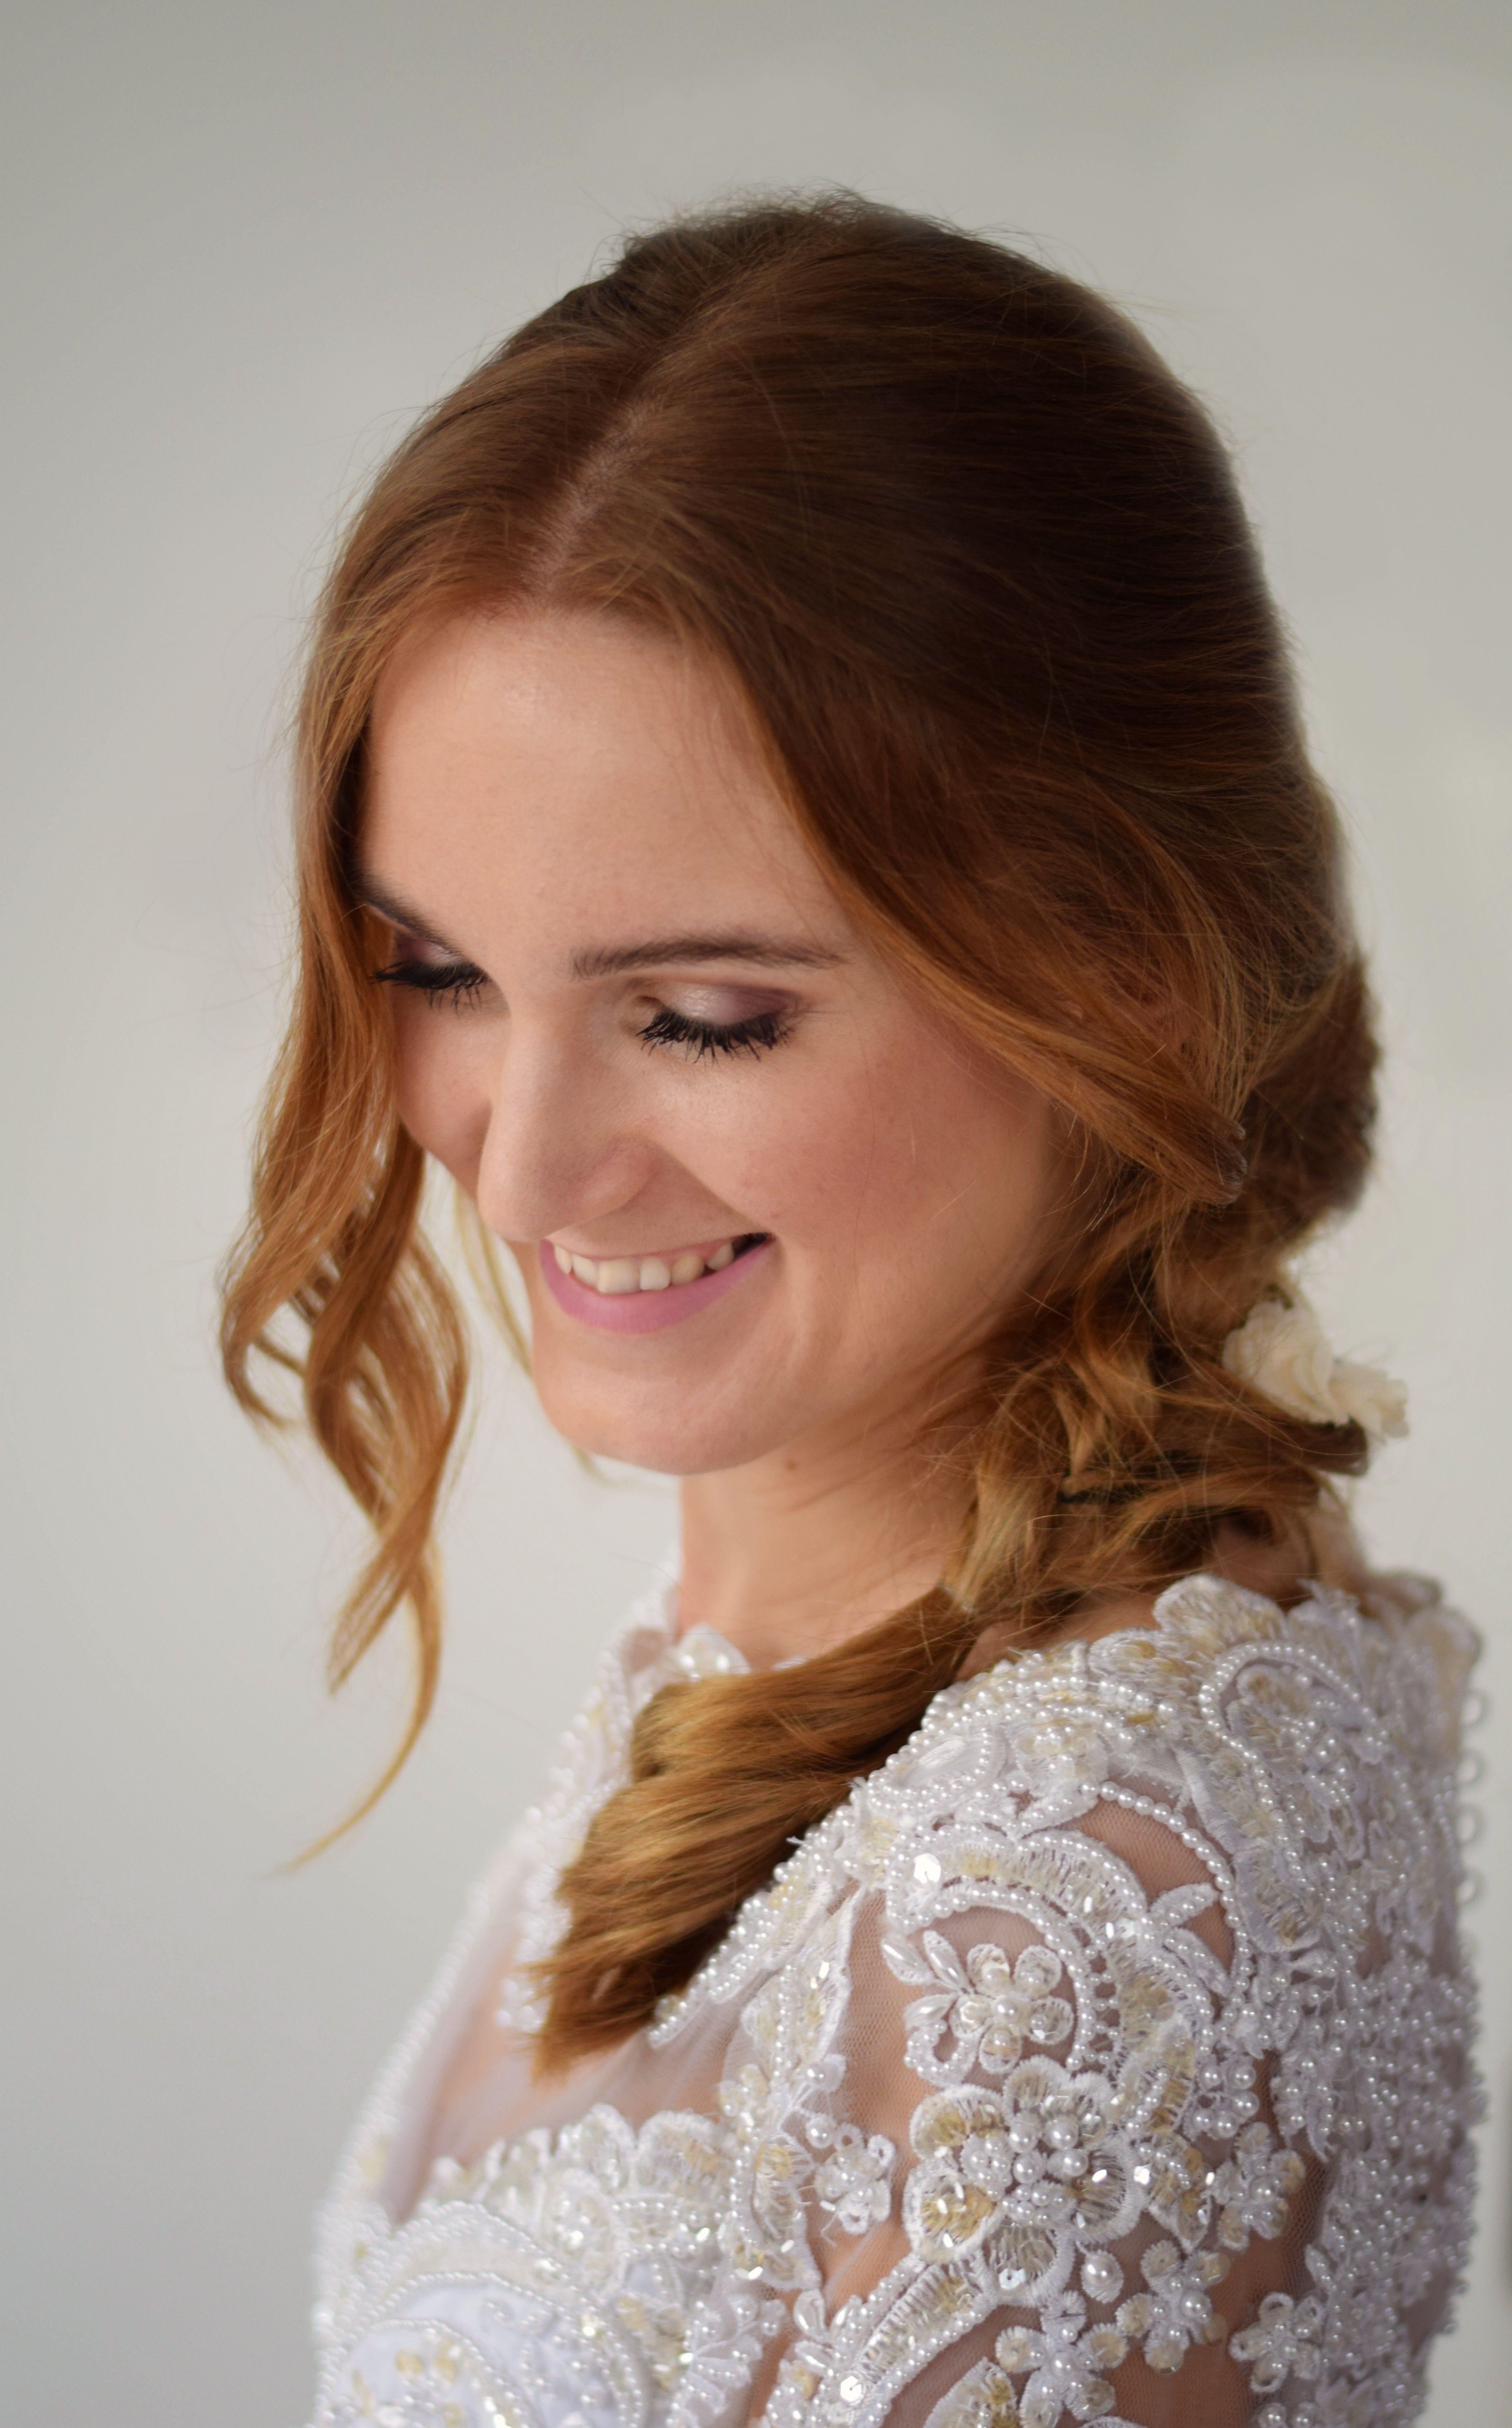 #wedding #bridetobe # bride #brautfrisur   brautfrisur